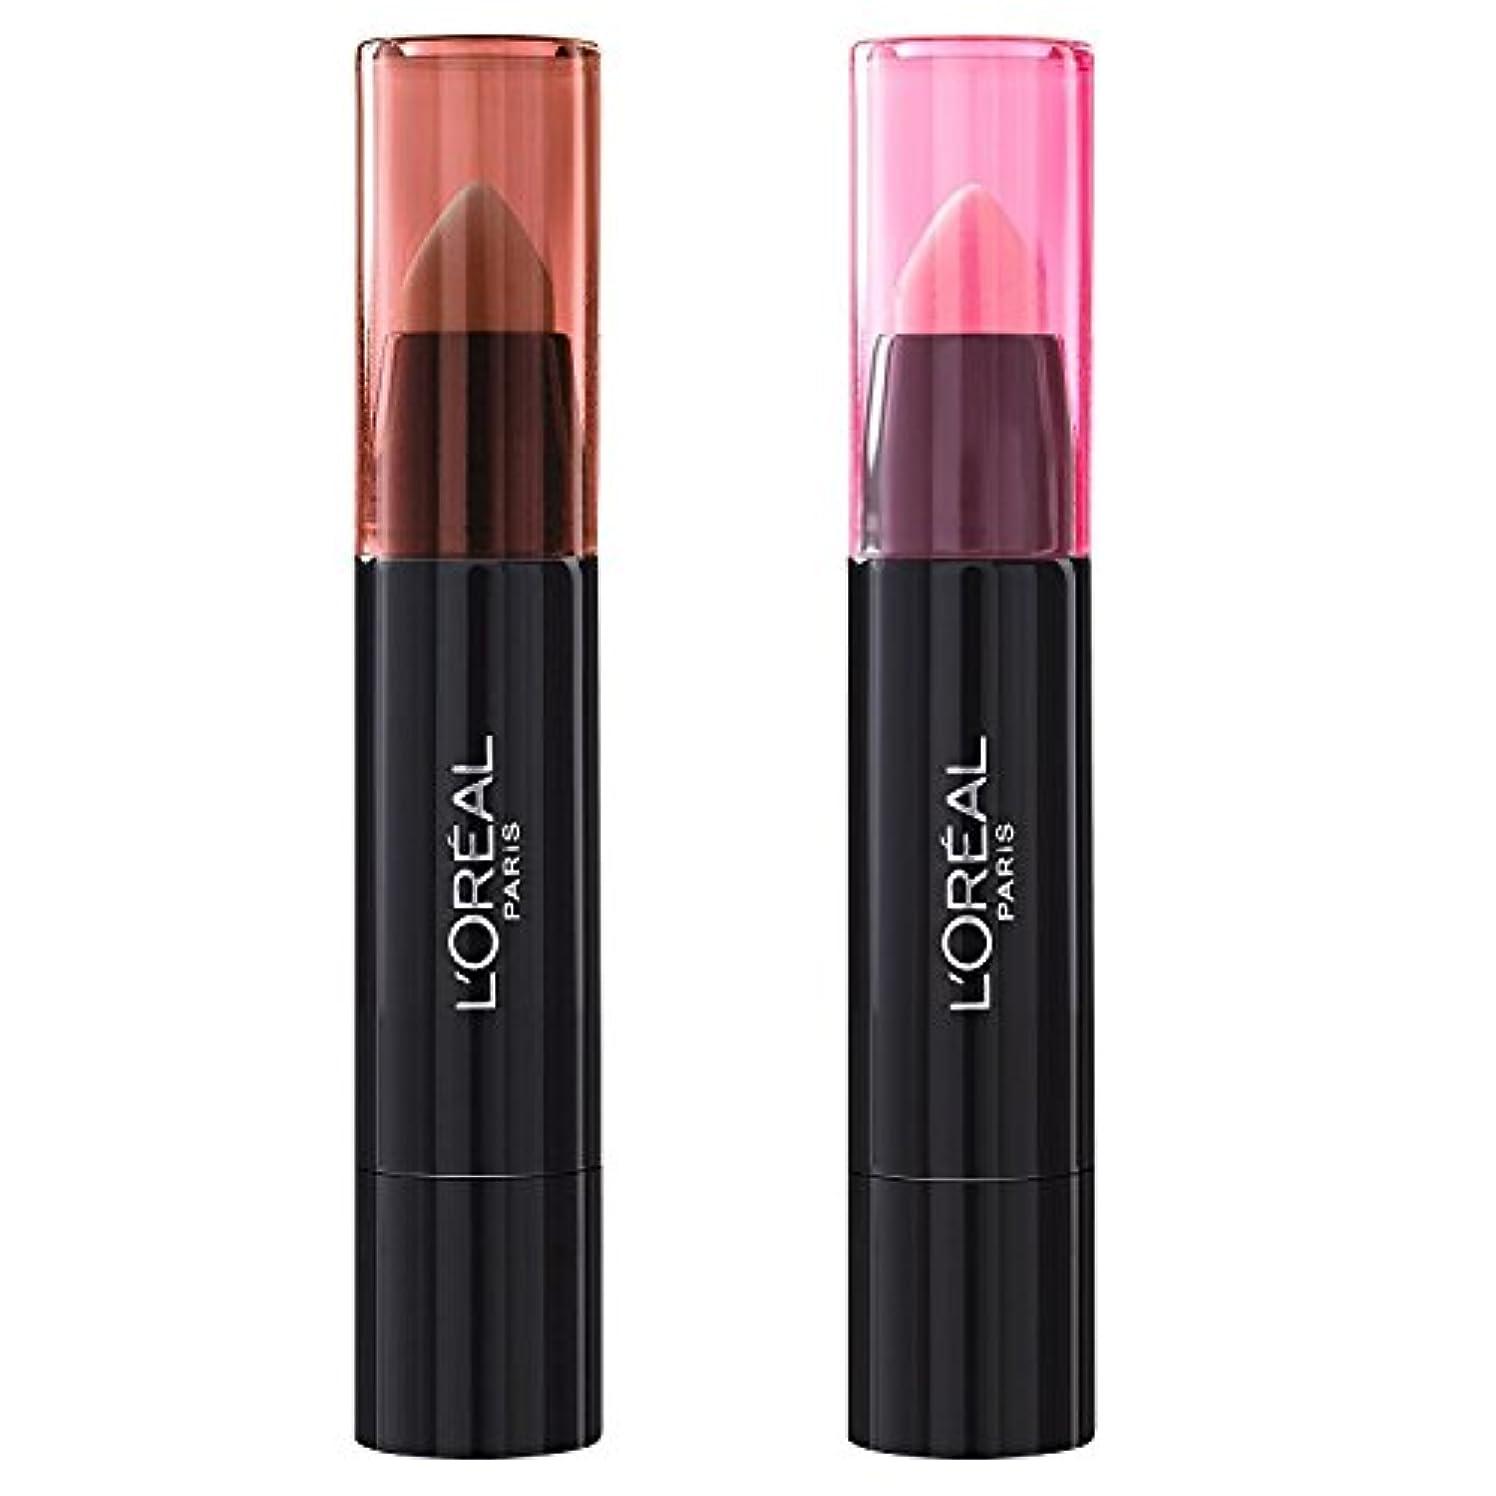 安定した明日傘L'Oréal Paris Lippenbalsam INFAILLIBLE SEXY BALM - 108 Whaaat? + 101 We Wear Pink (2 Stück)